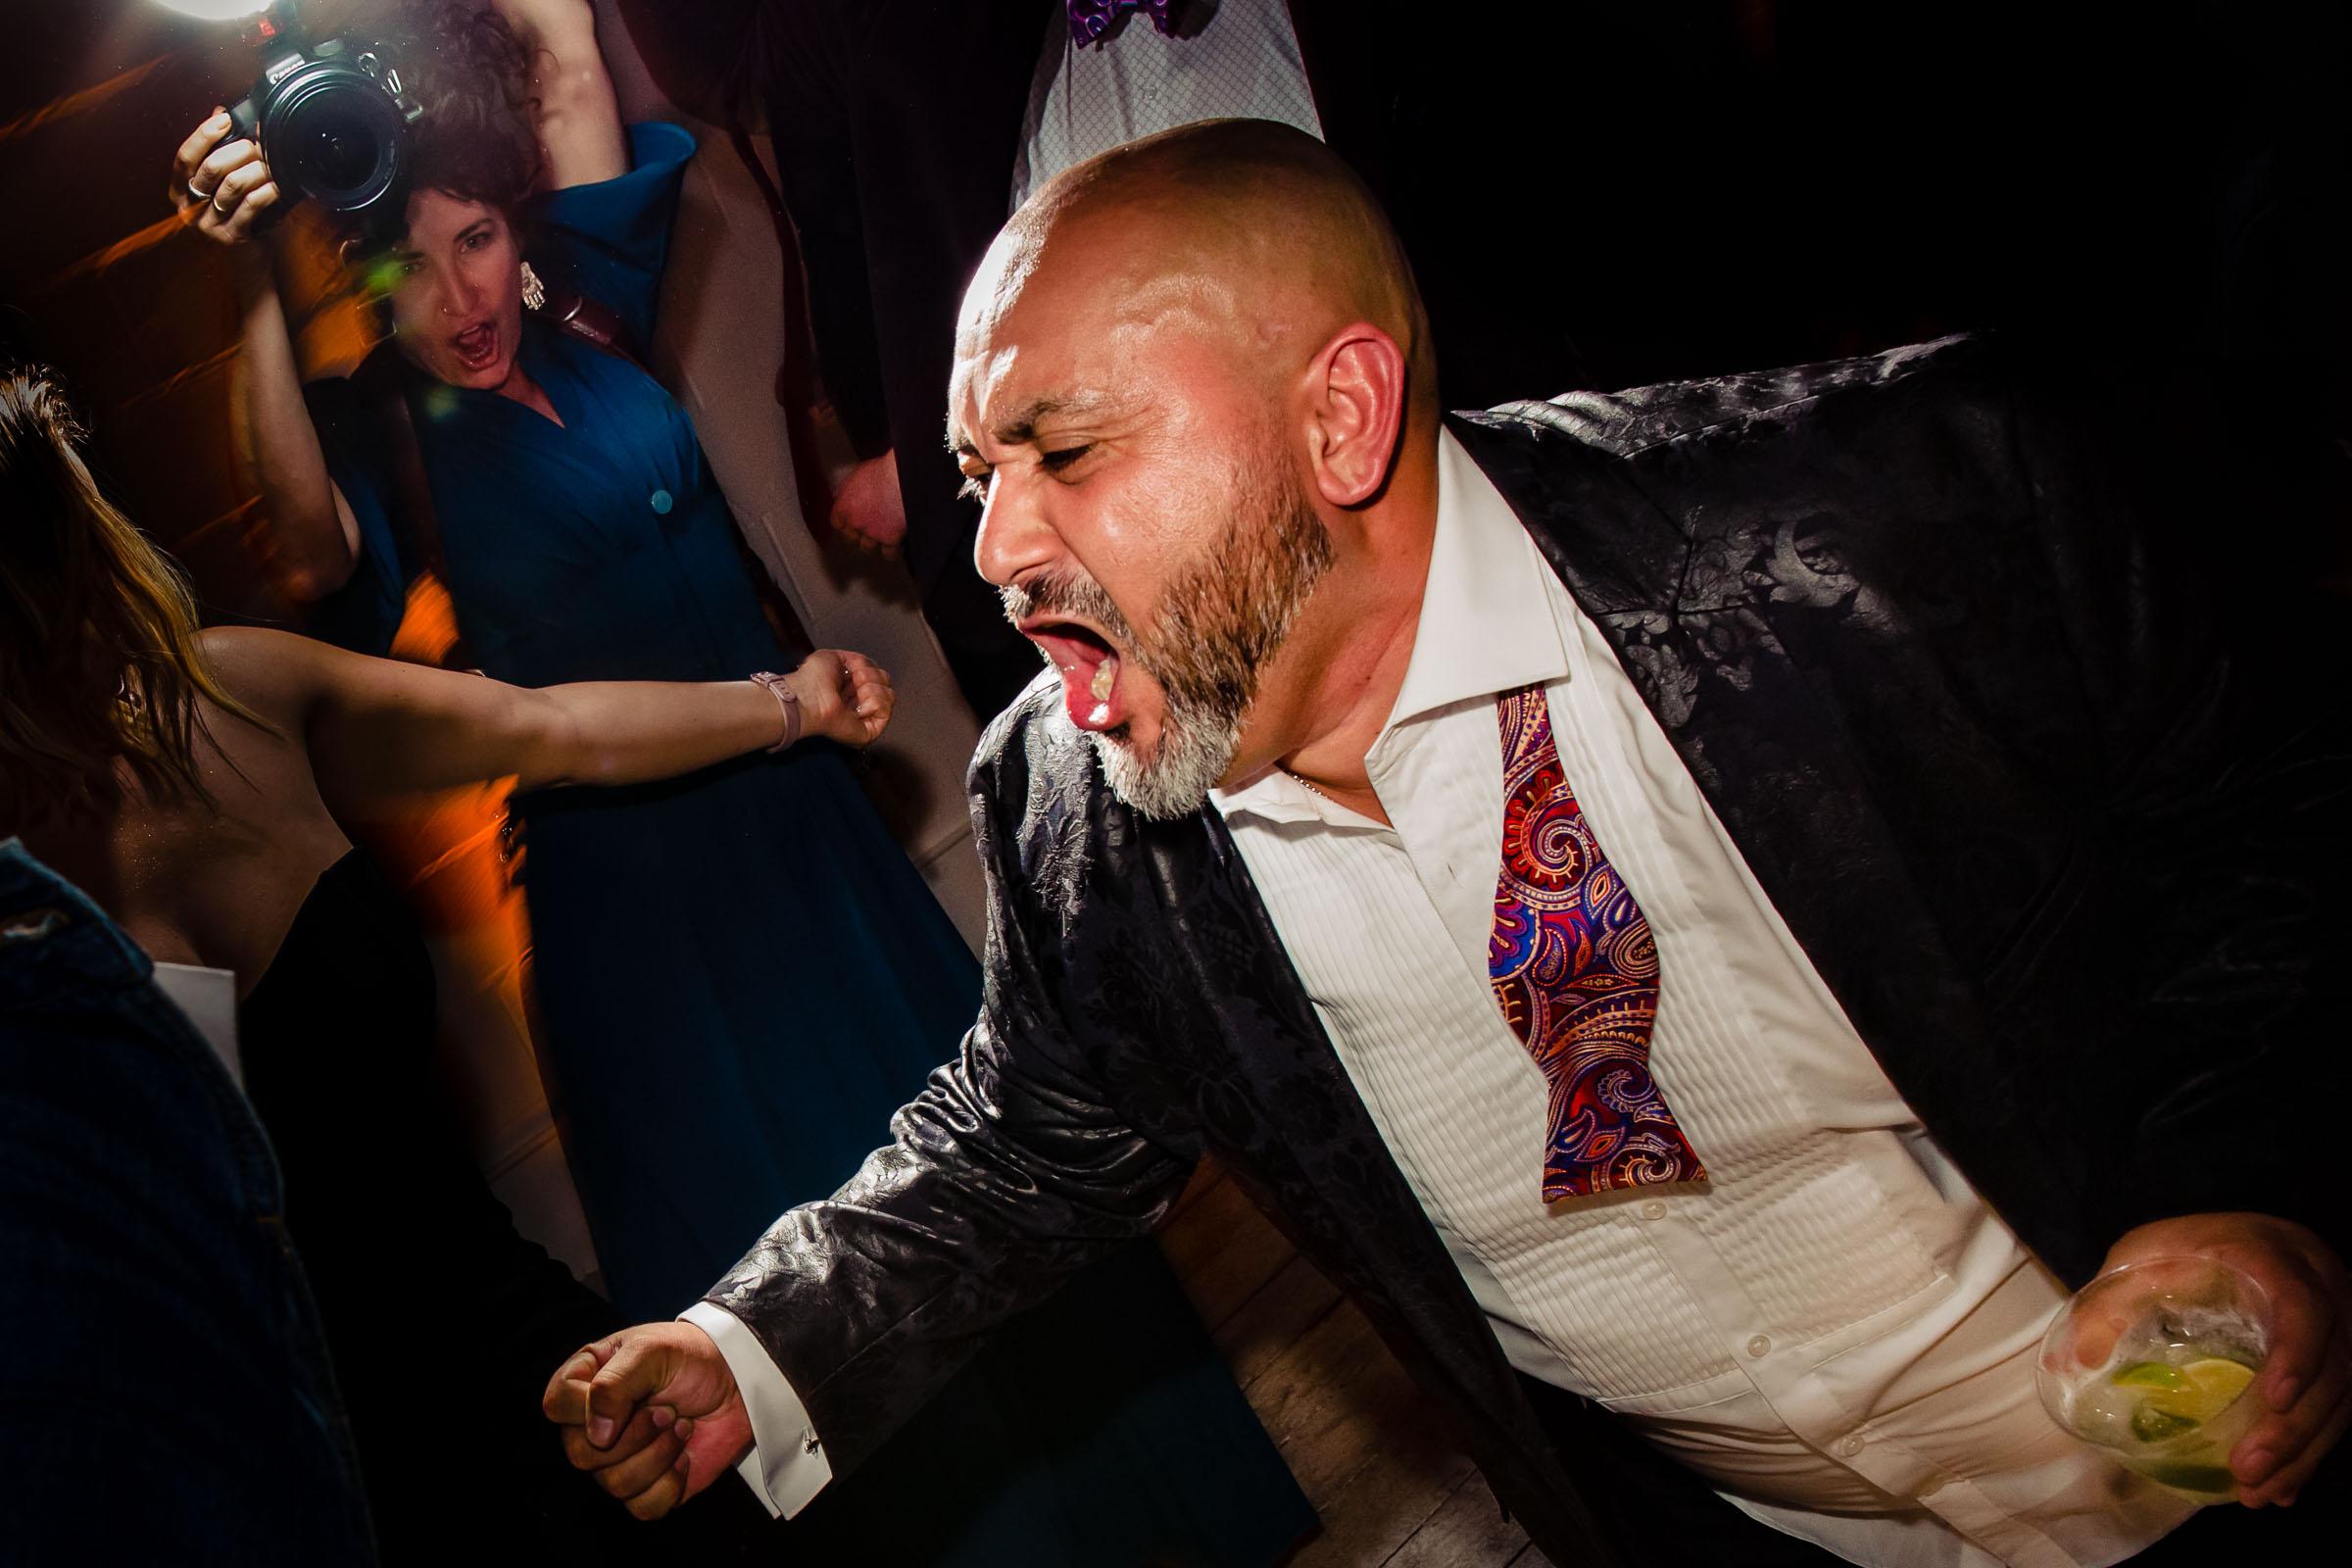 Fun dancing at a Los Angeles Wedding reception in El Segundo, California at Unita.